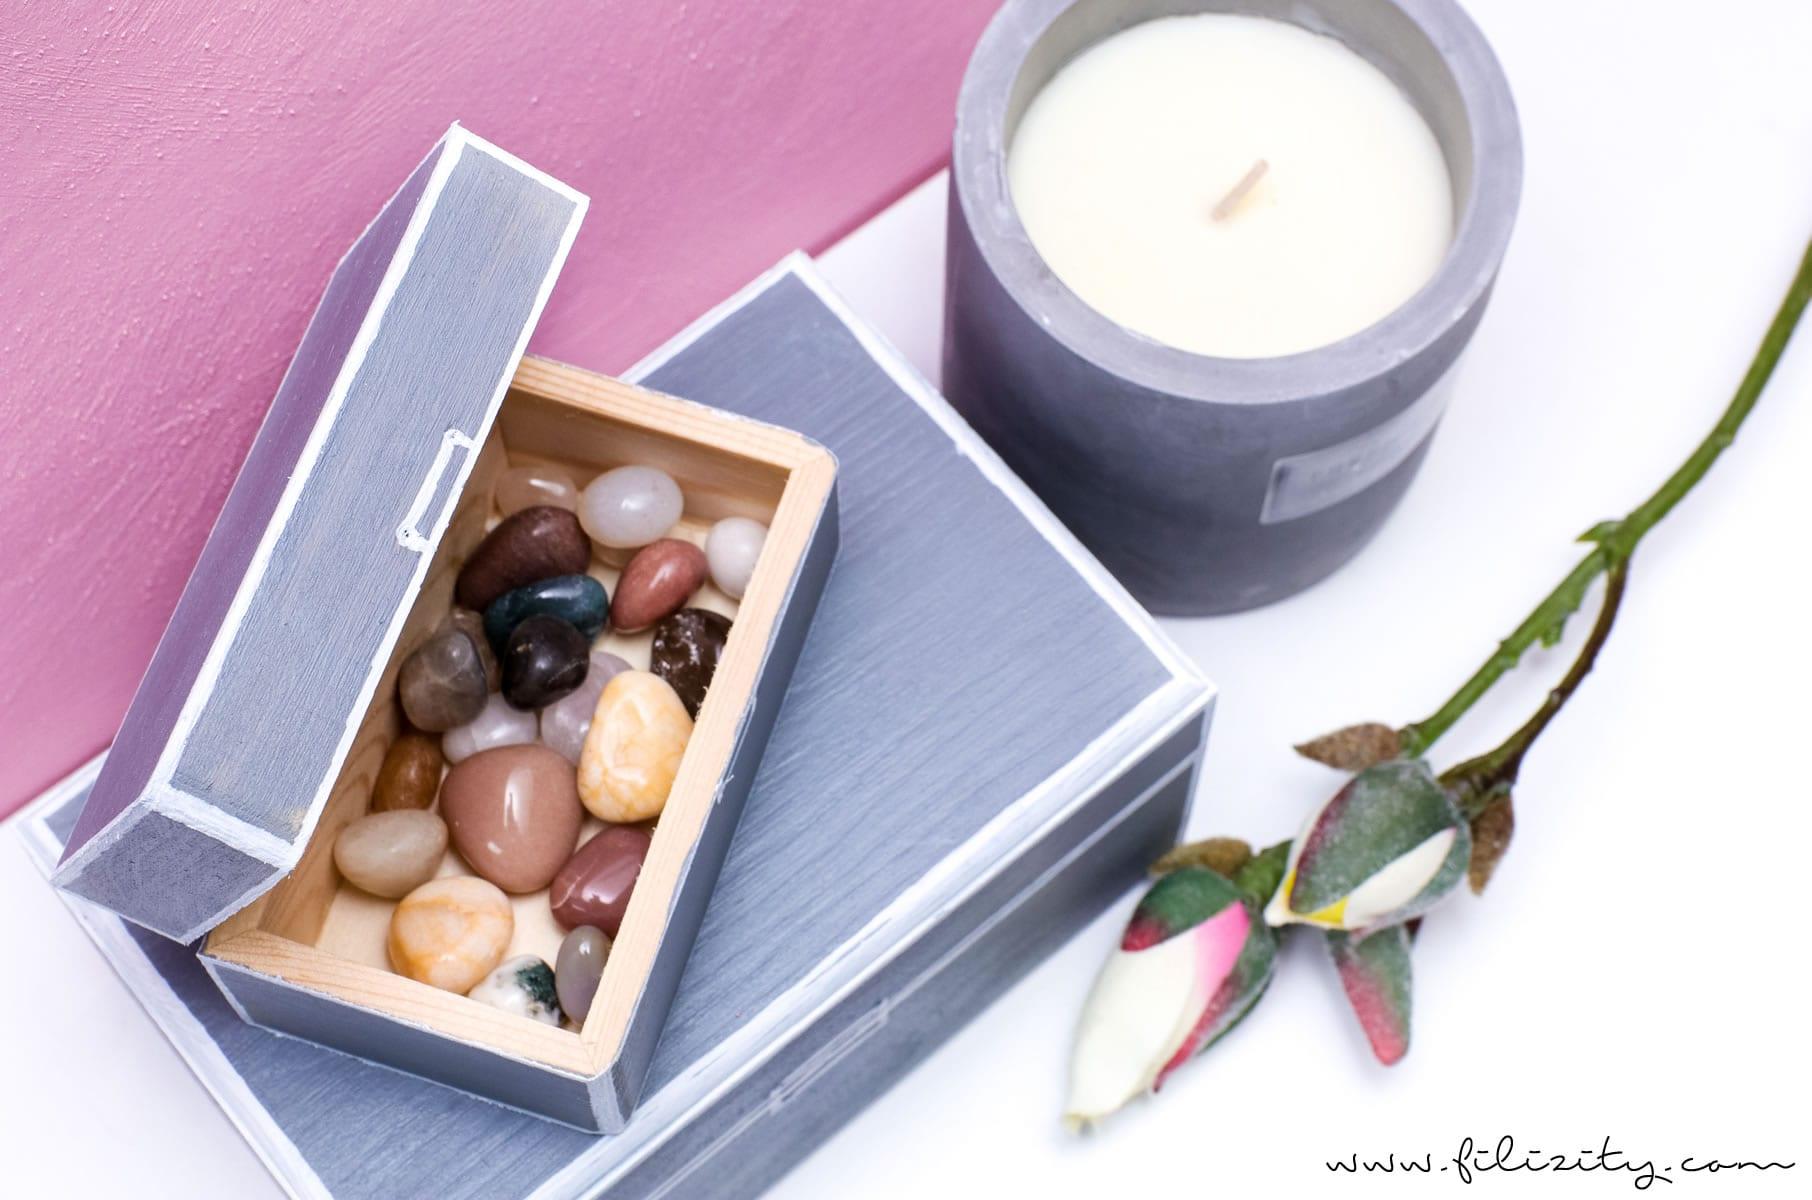 Moderne Deko selber machen: DIY Aufbewahrungsboxen aus Holzschachteln basteln | DIY Skandi-Deko | Filizity.com | Interior- & DIY-Blog aus dem Rheinland